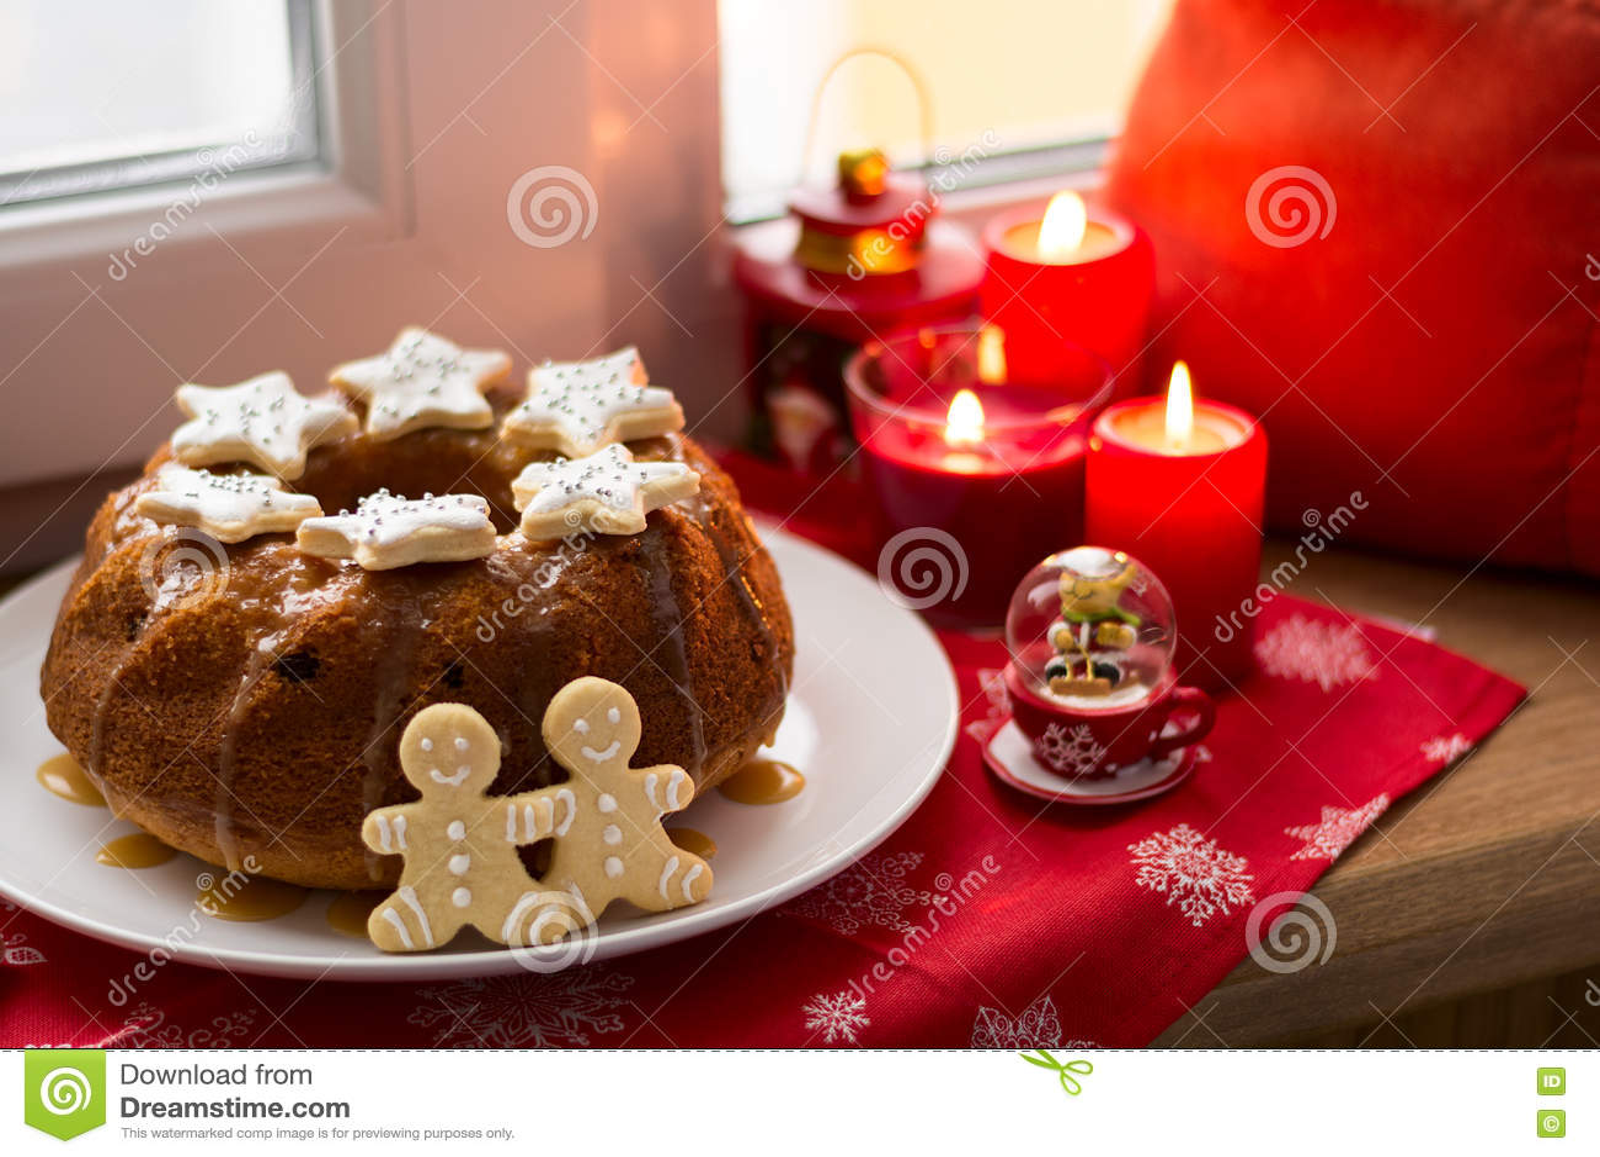 Dolci Candele Di Natale.Decorazione Di Natale Dolce Pan Di Zenzero Uomini E